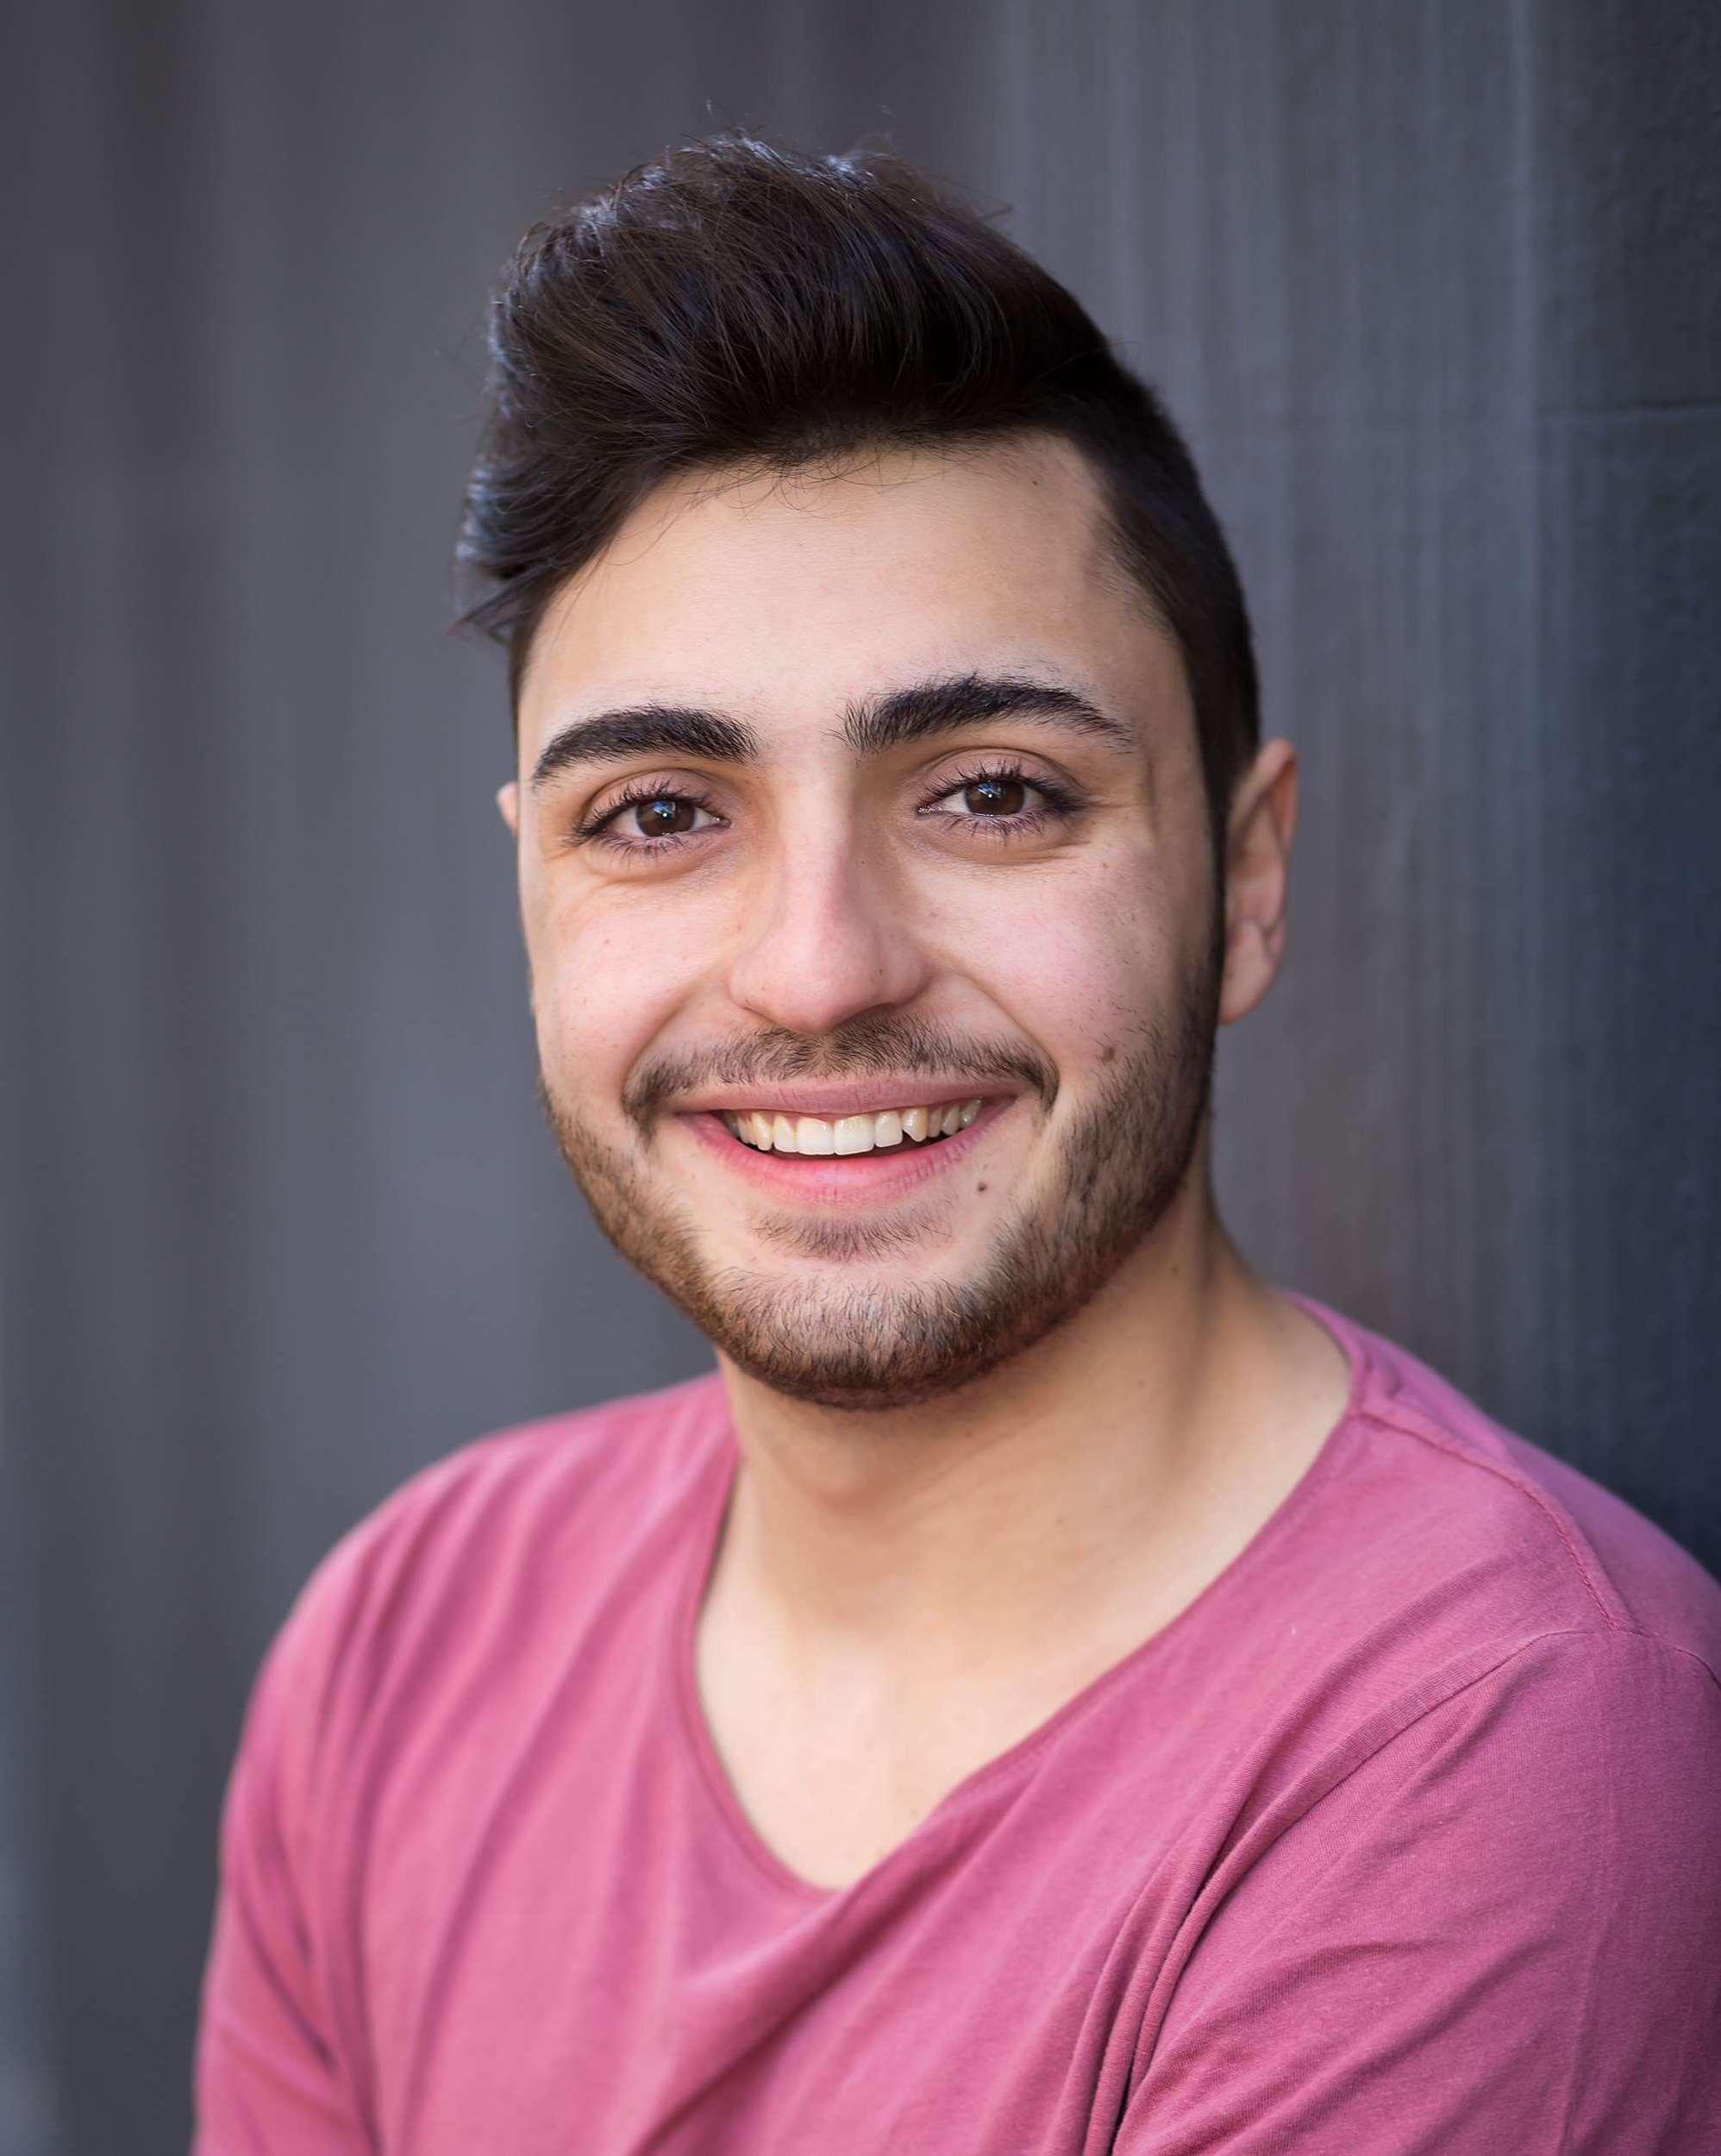 Jake Bayssari